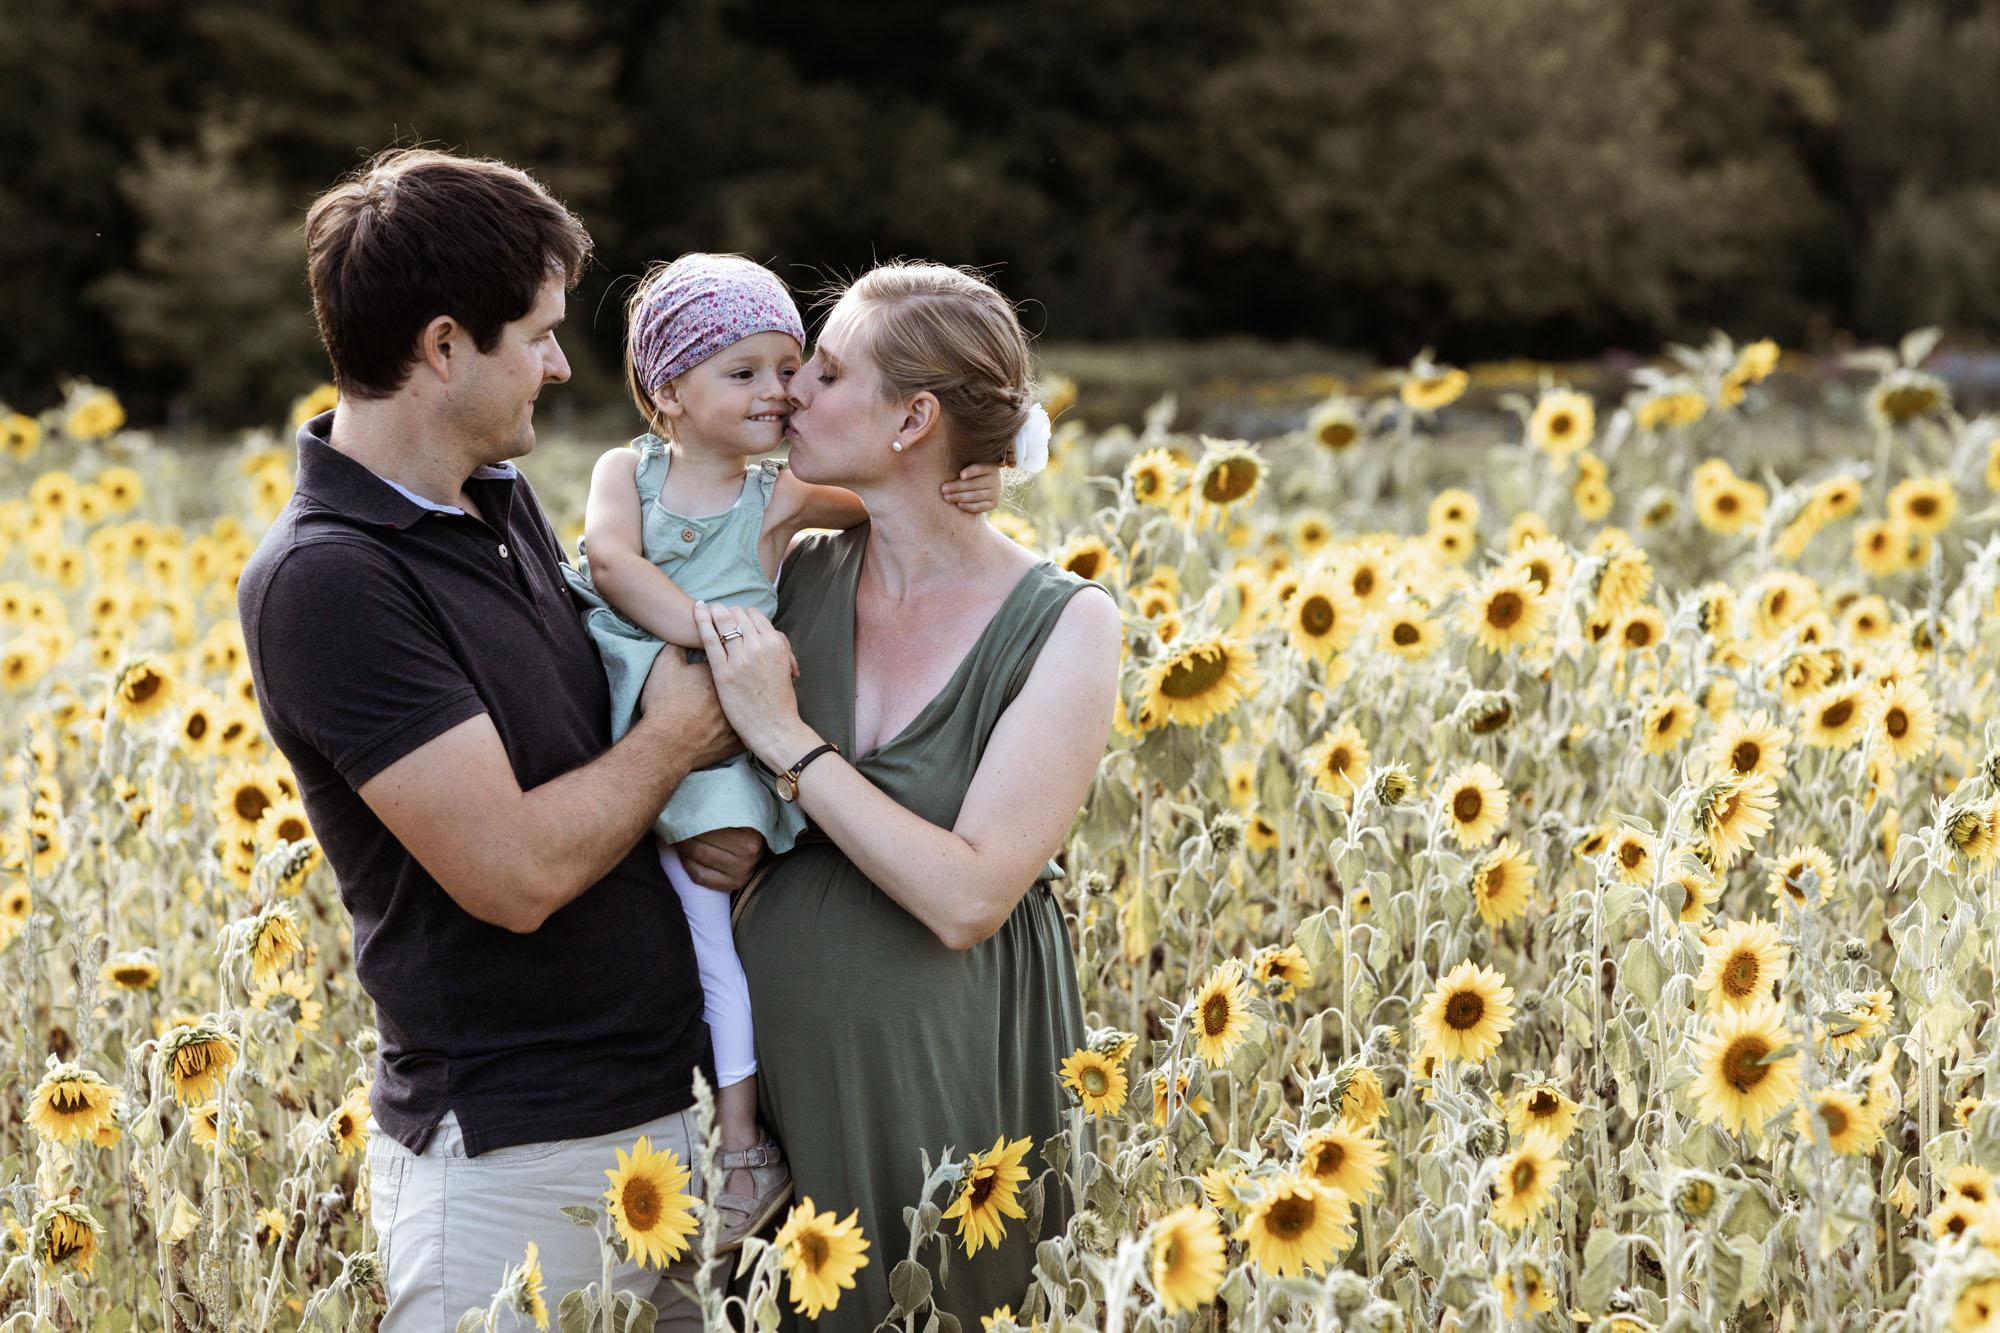 Babybauch und Familienfotoshooting in den Merian Gärten - Die Familie im Sonnenblumenfeld